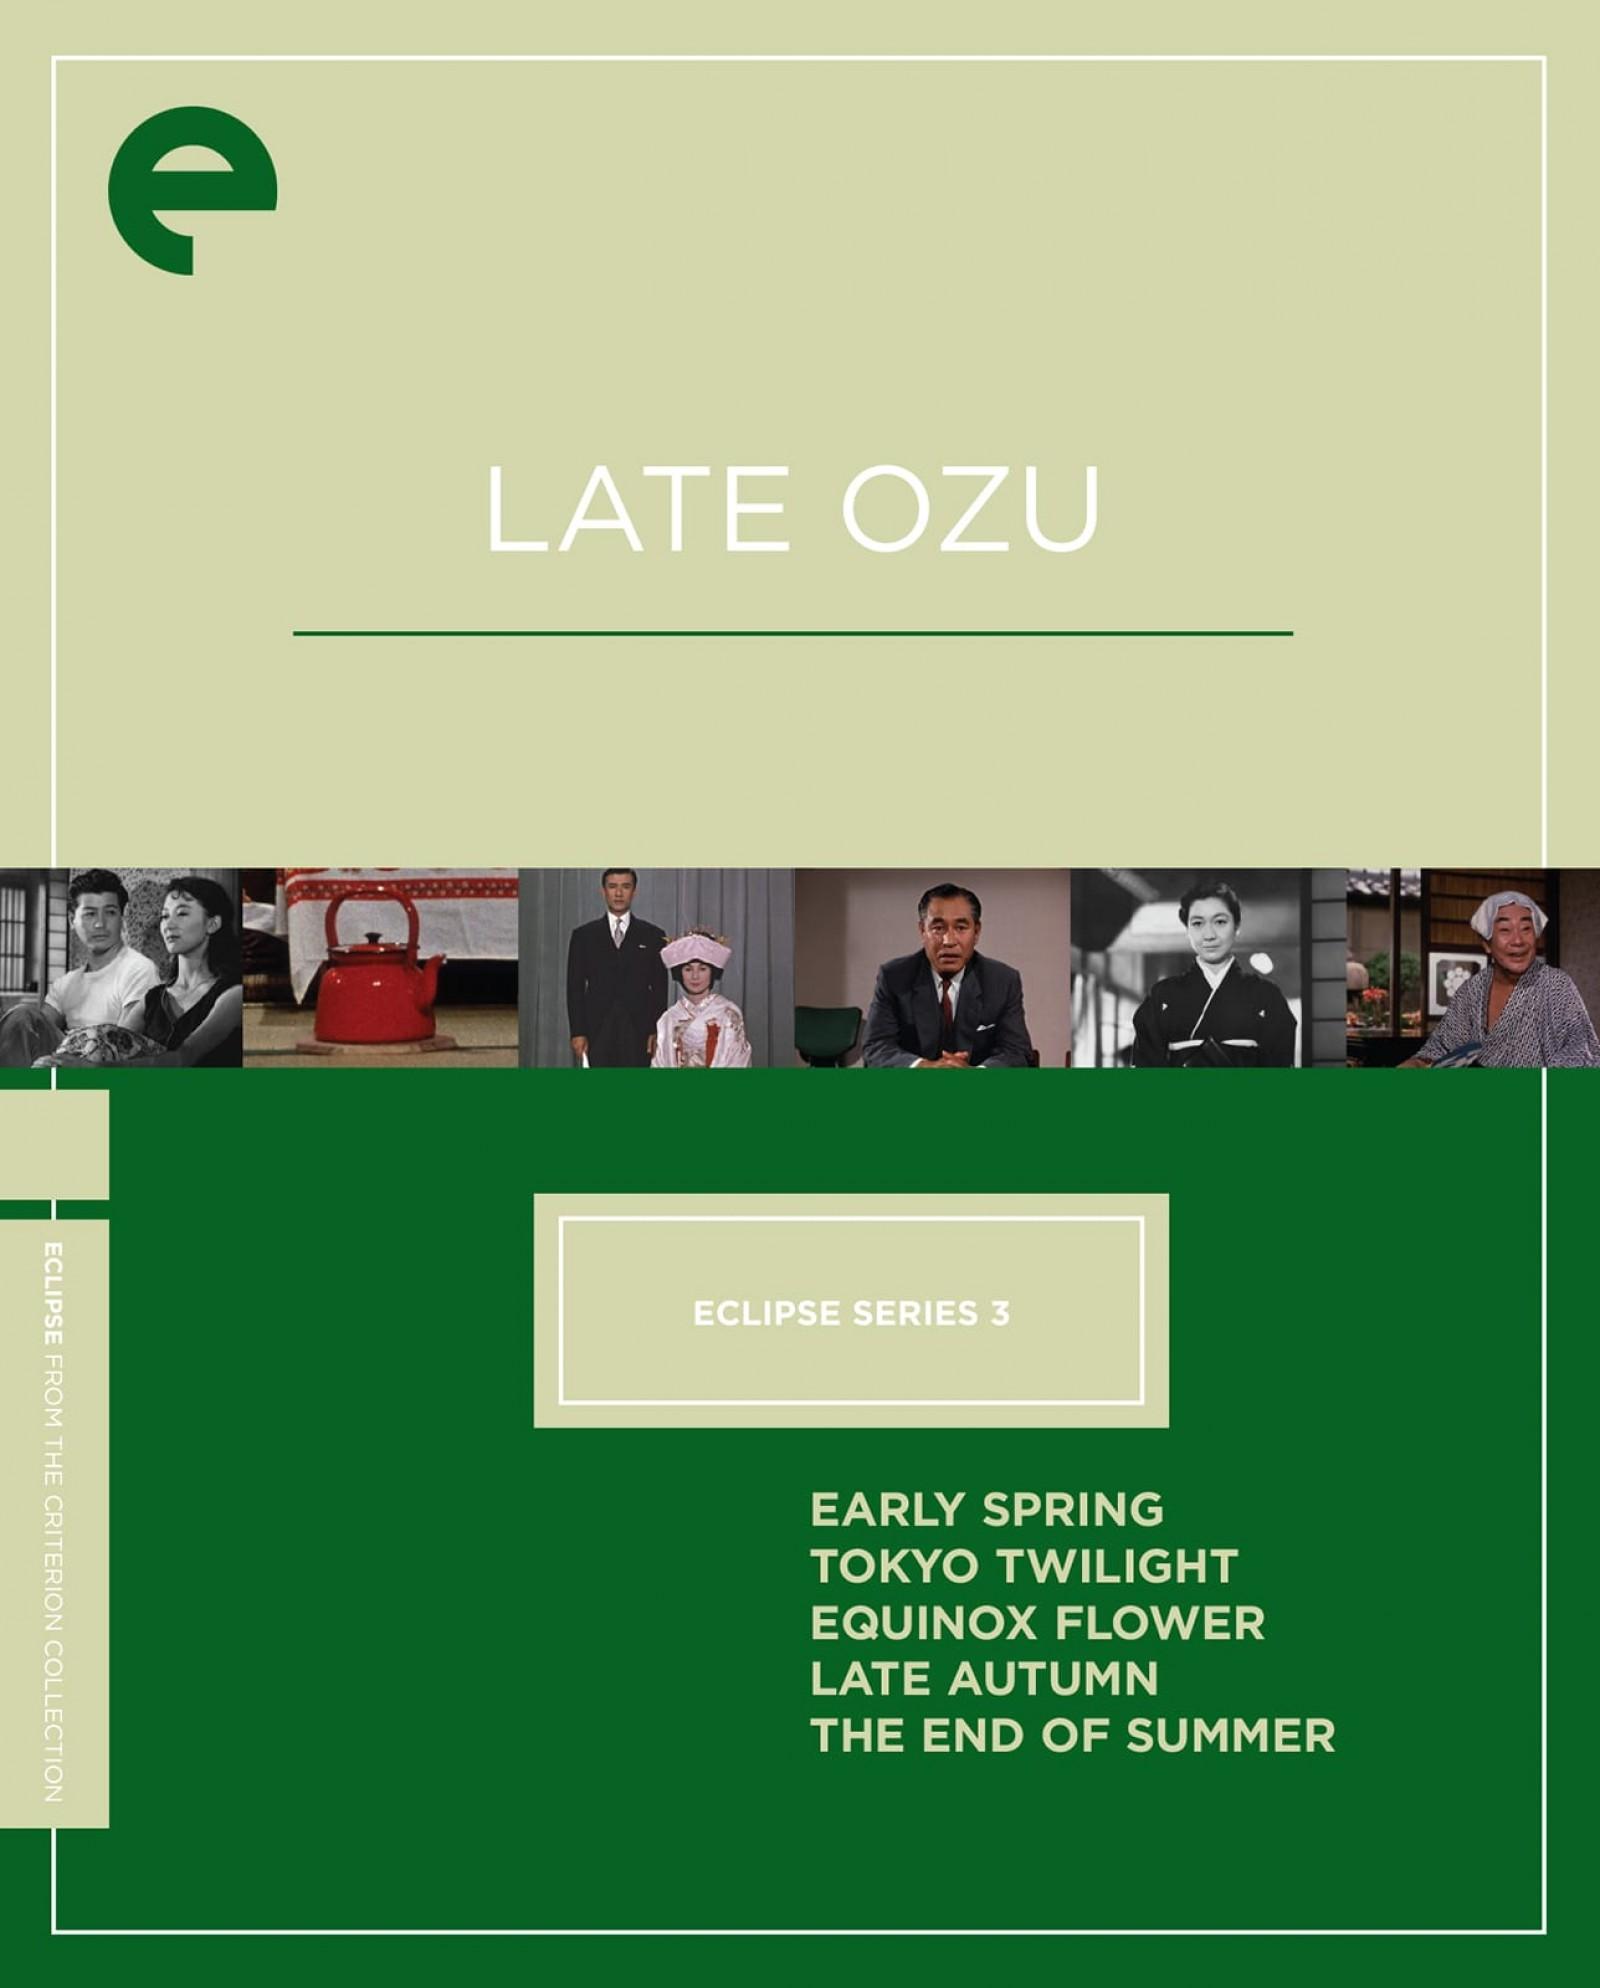 Eclipse Series 3: Late Ozu